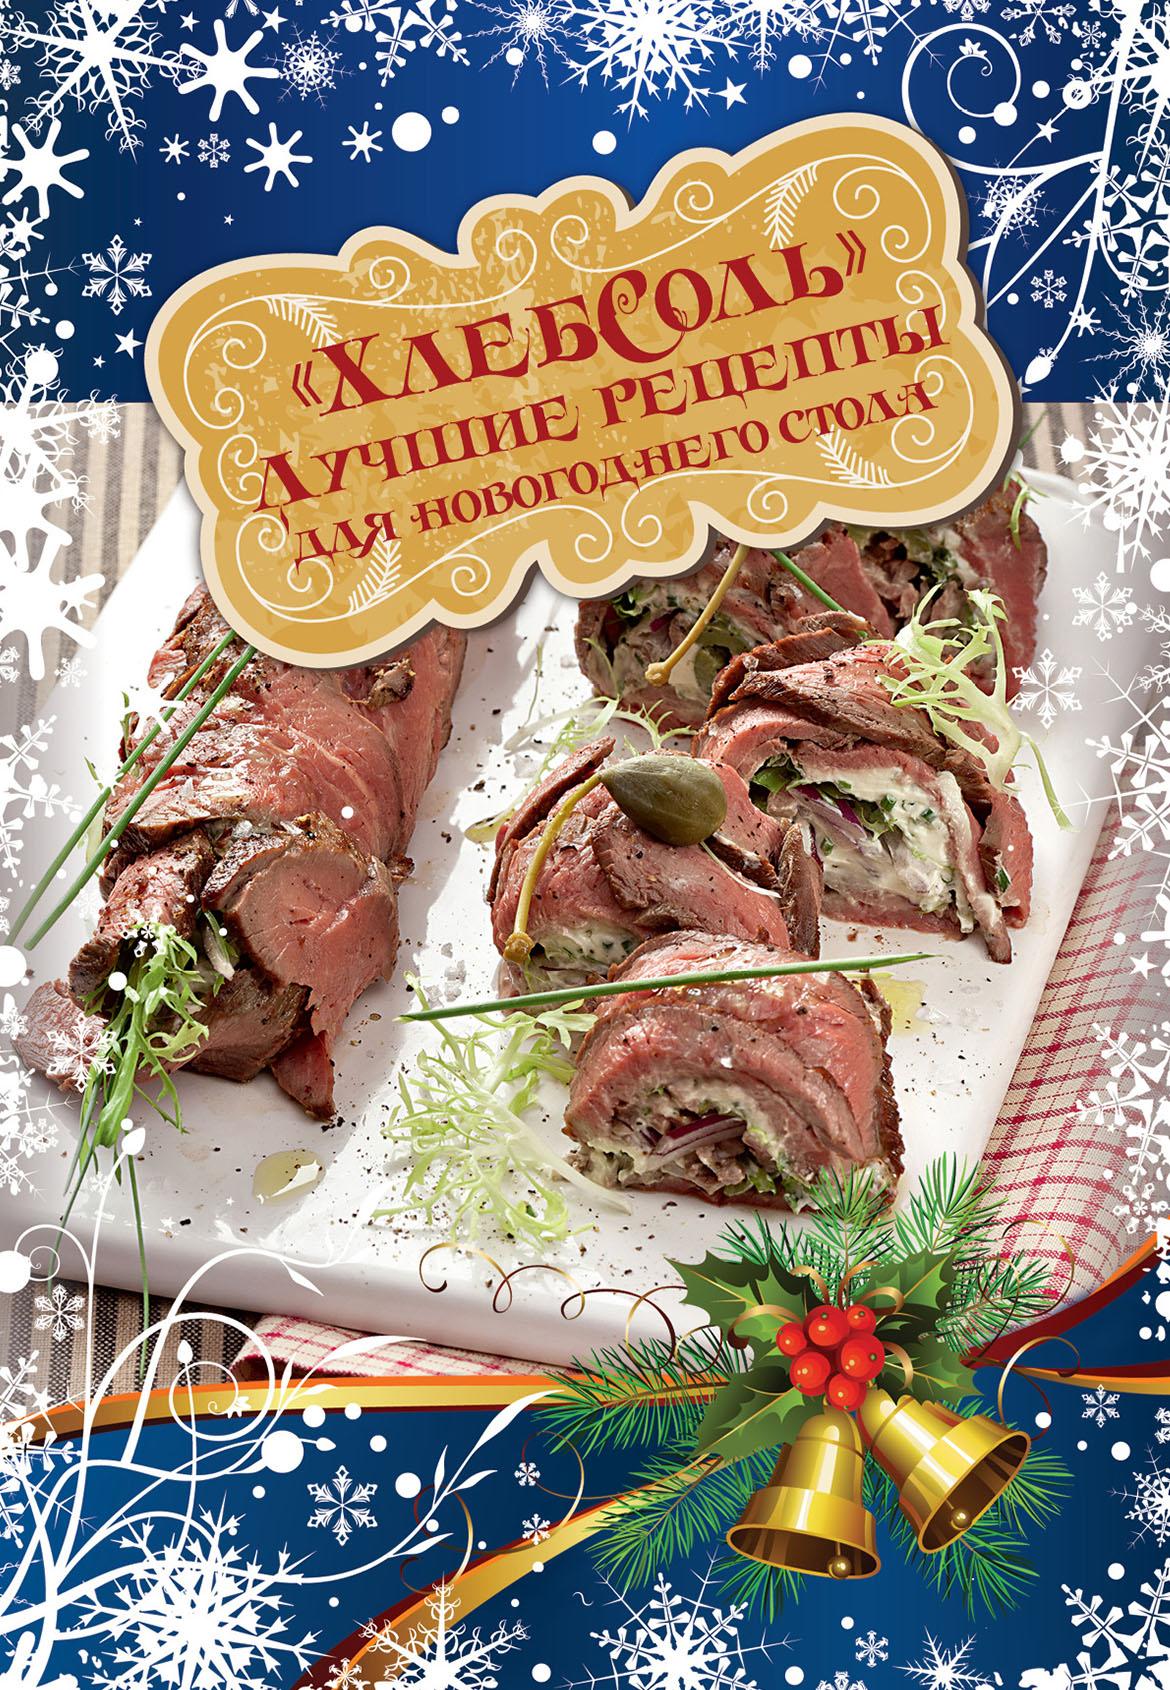 Отсутствует Лучшие рецепты «ХлебСоль» для новогоднего стола а г красичкова встречаем новый год и рождество лучшие рецепты для праздничного стола